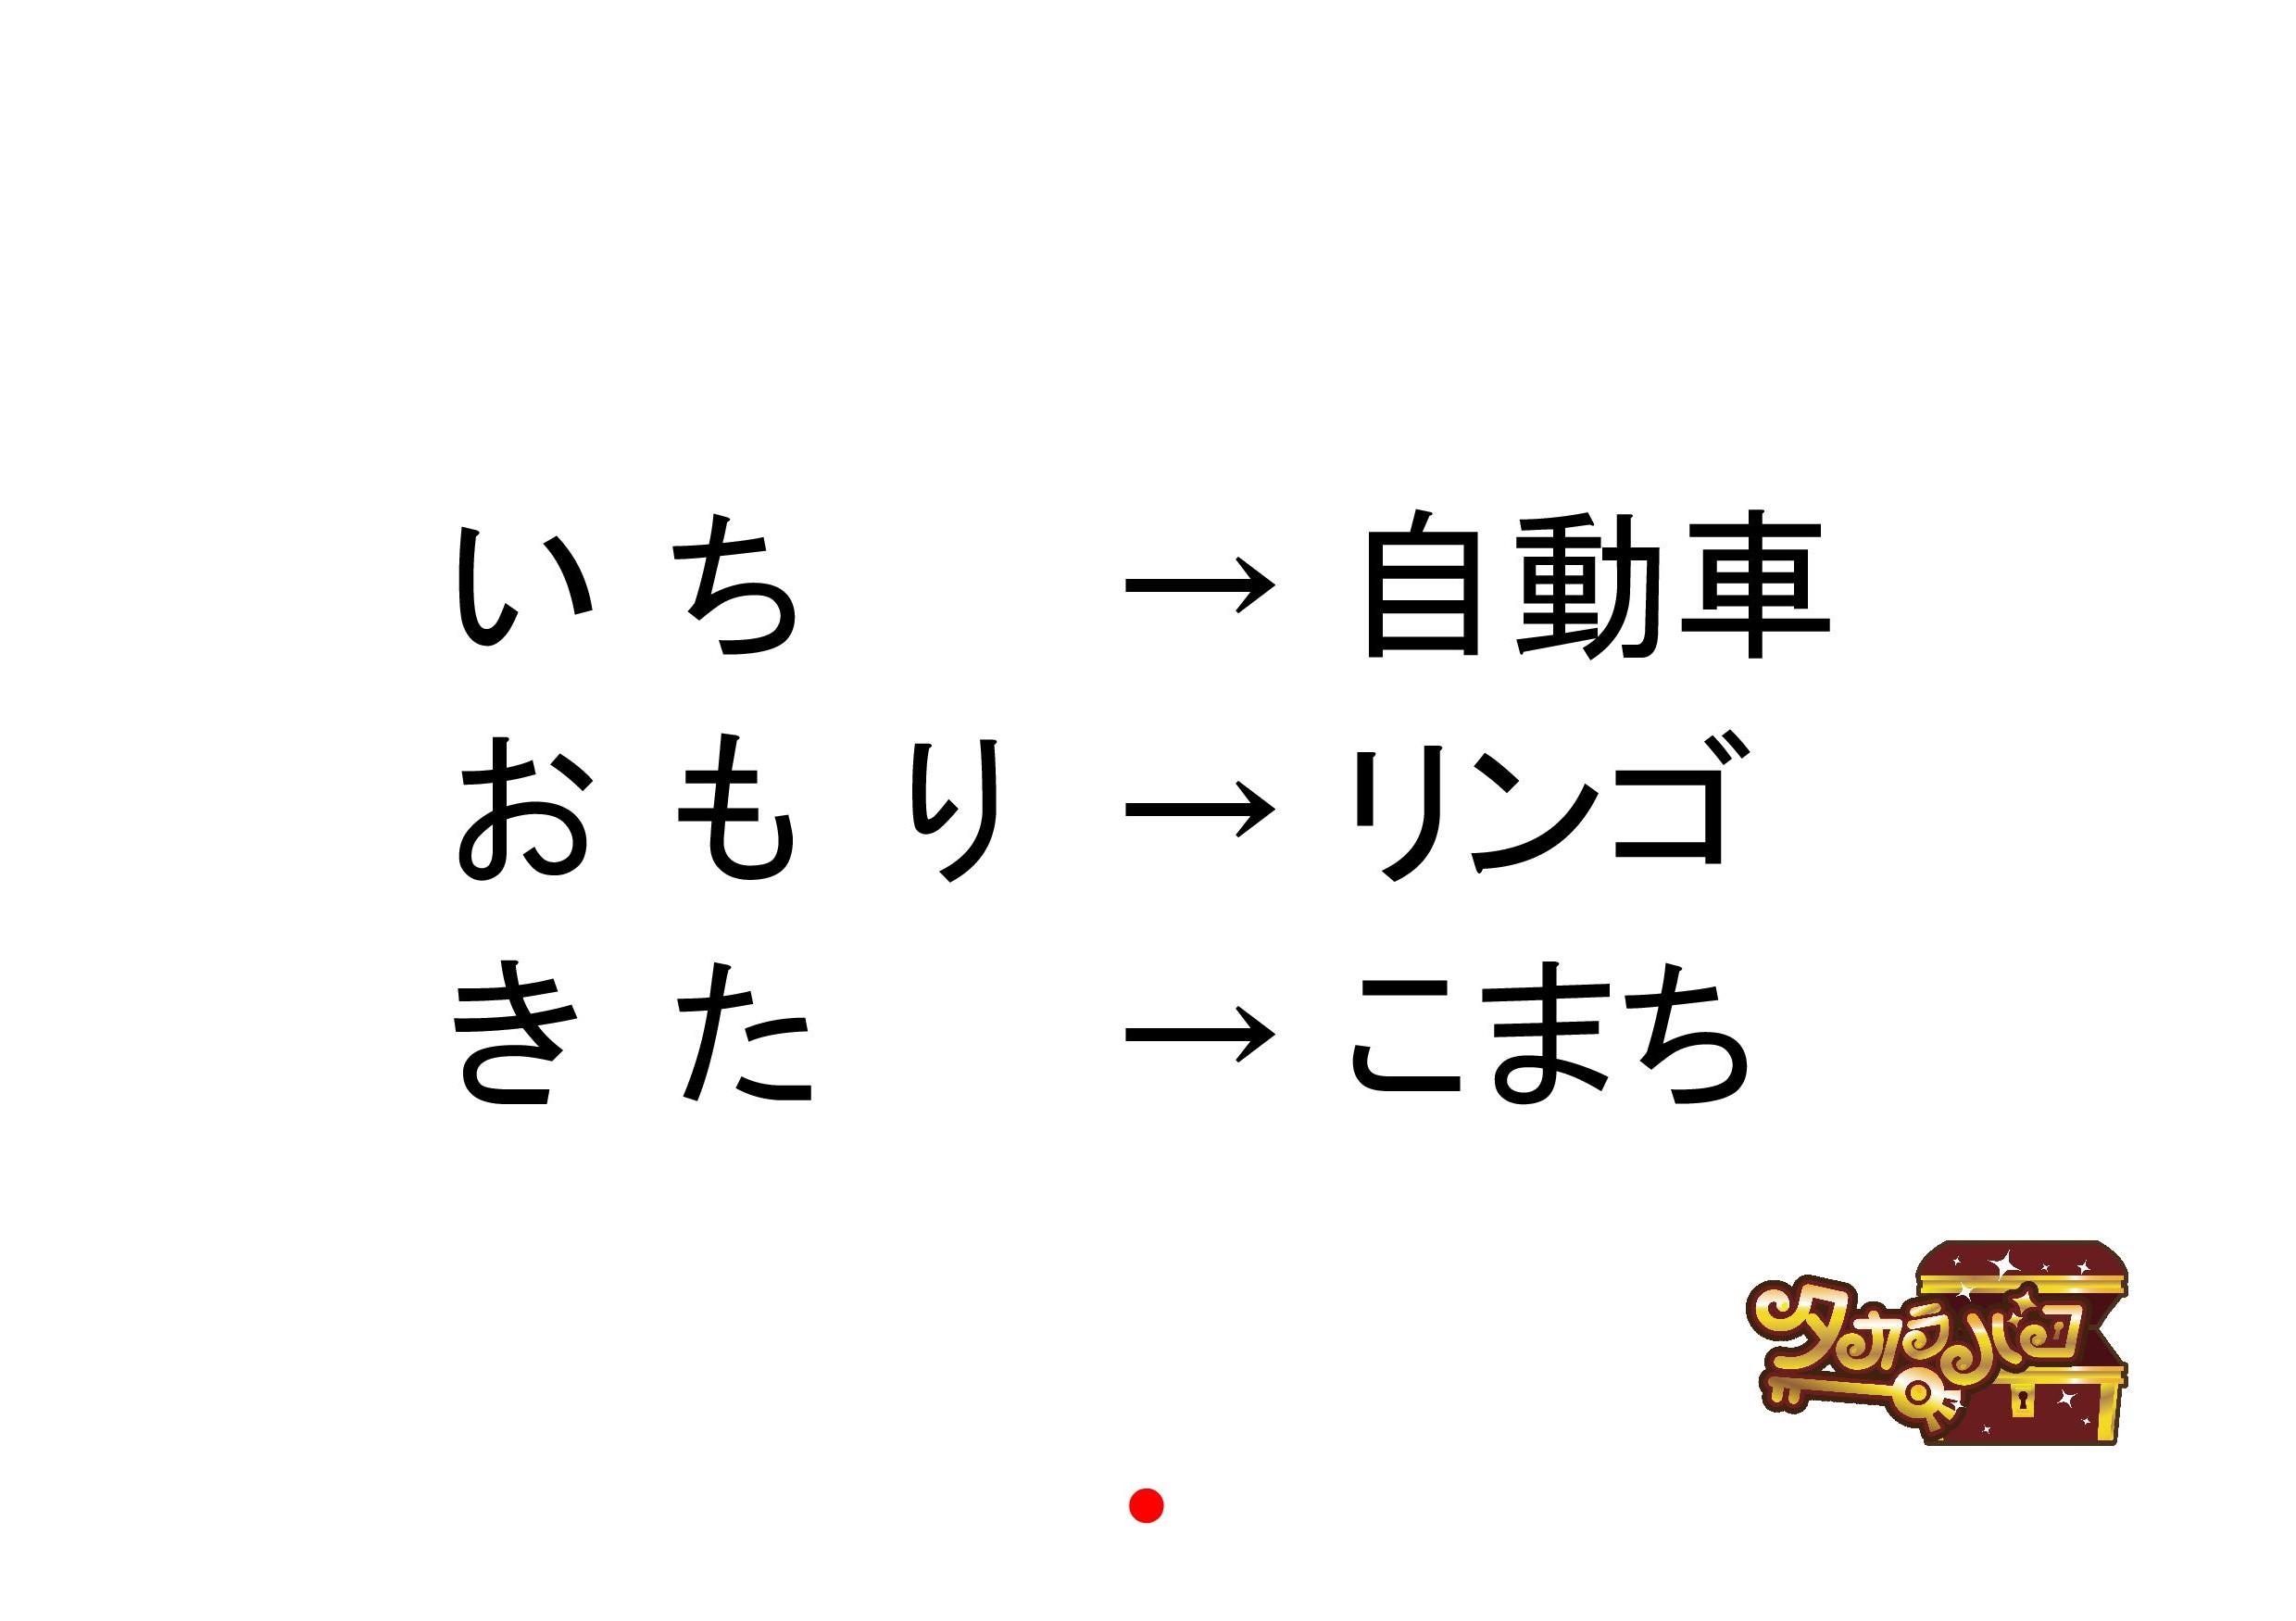 おみや001①